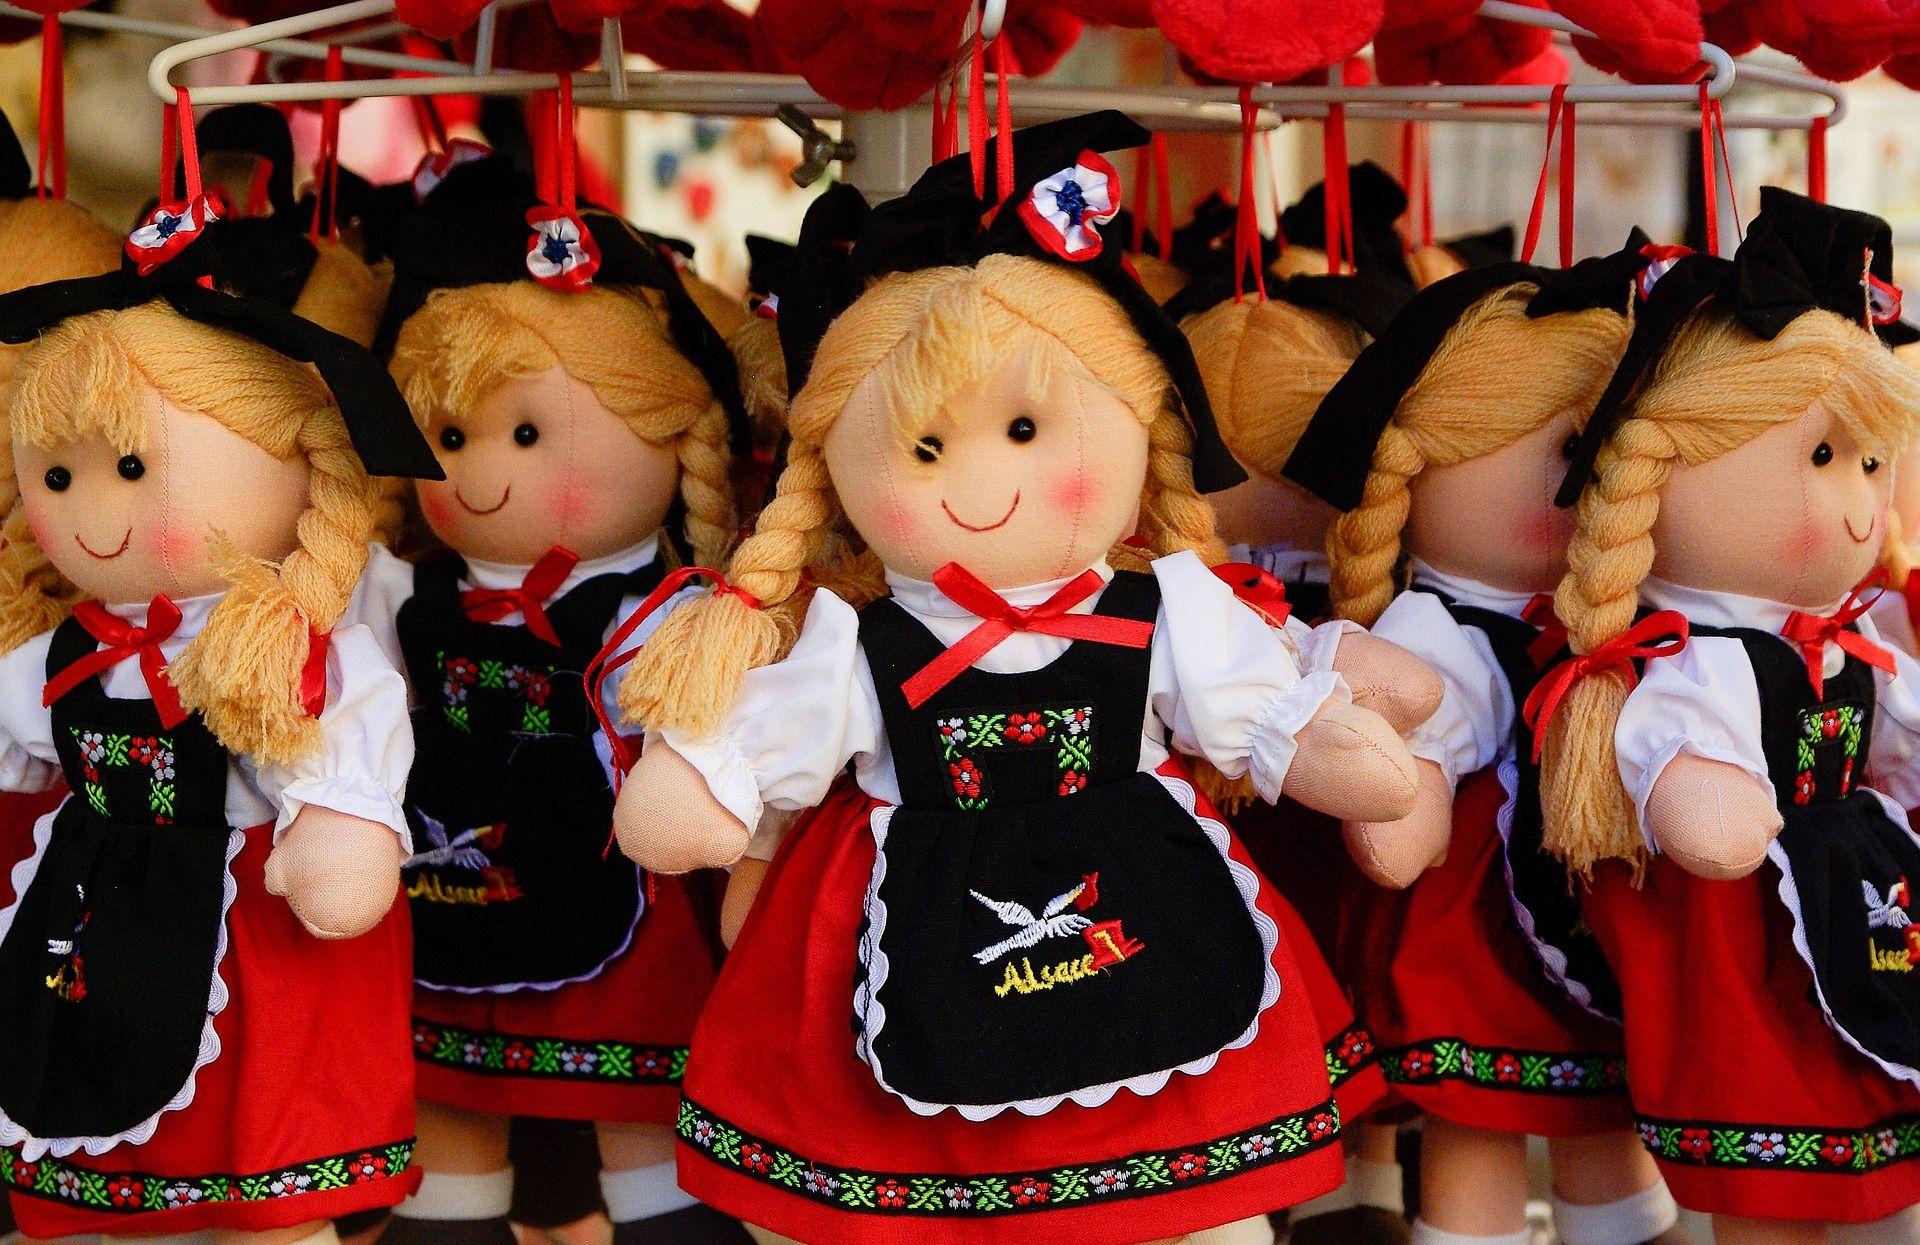 Djevojčice bi se trebale manje igrati s lutkama